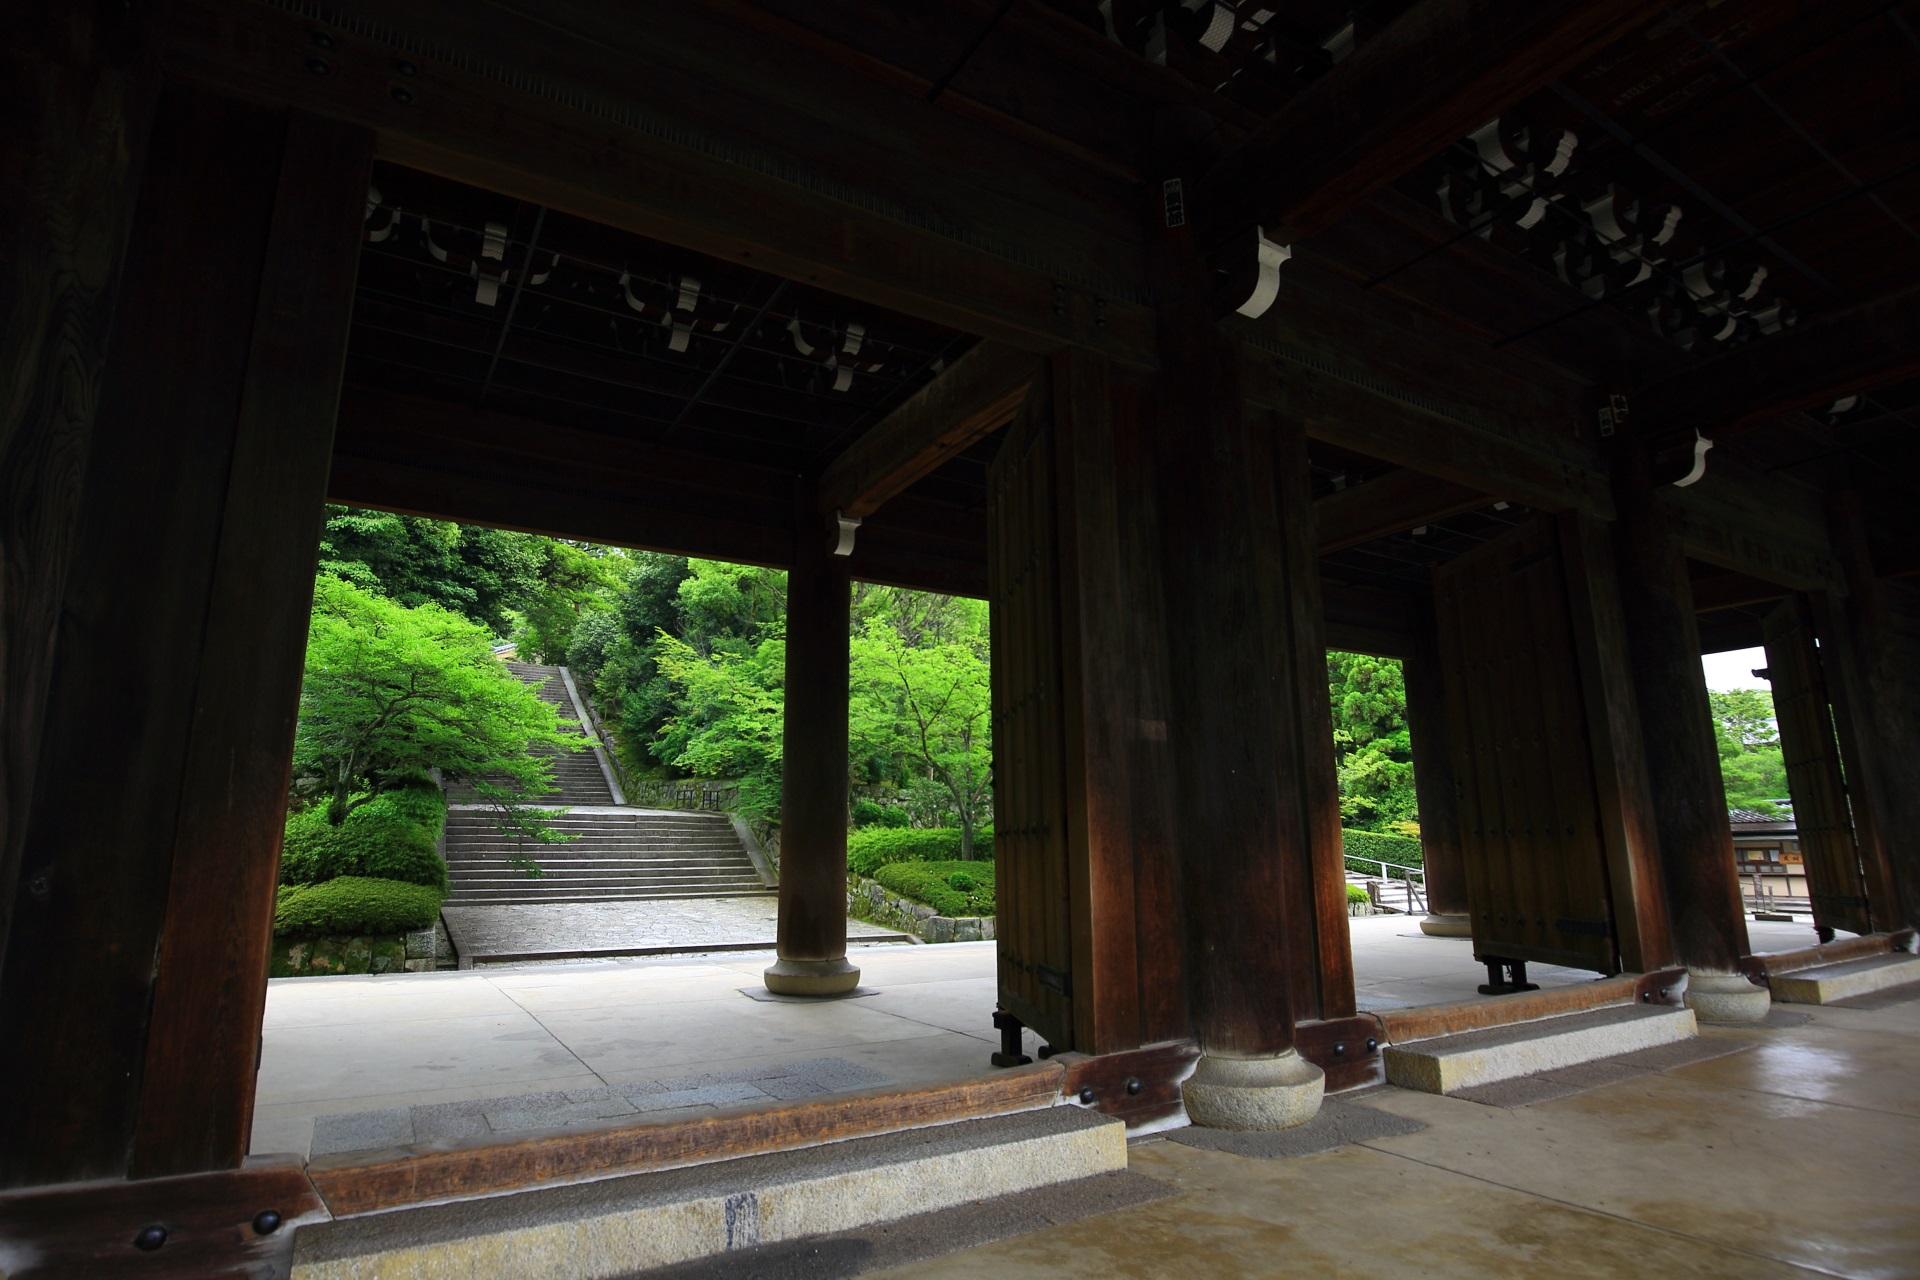 知恩院の入母屋造本瓦葺(いりもやづくりほんがわらぶき)の三門